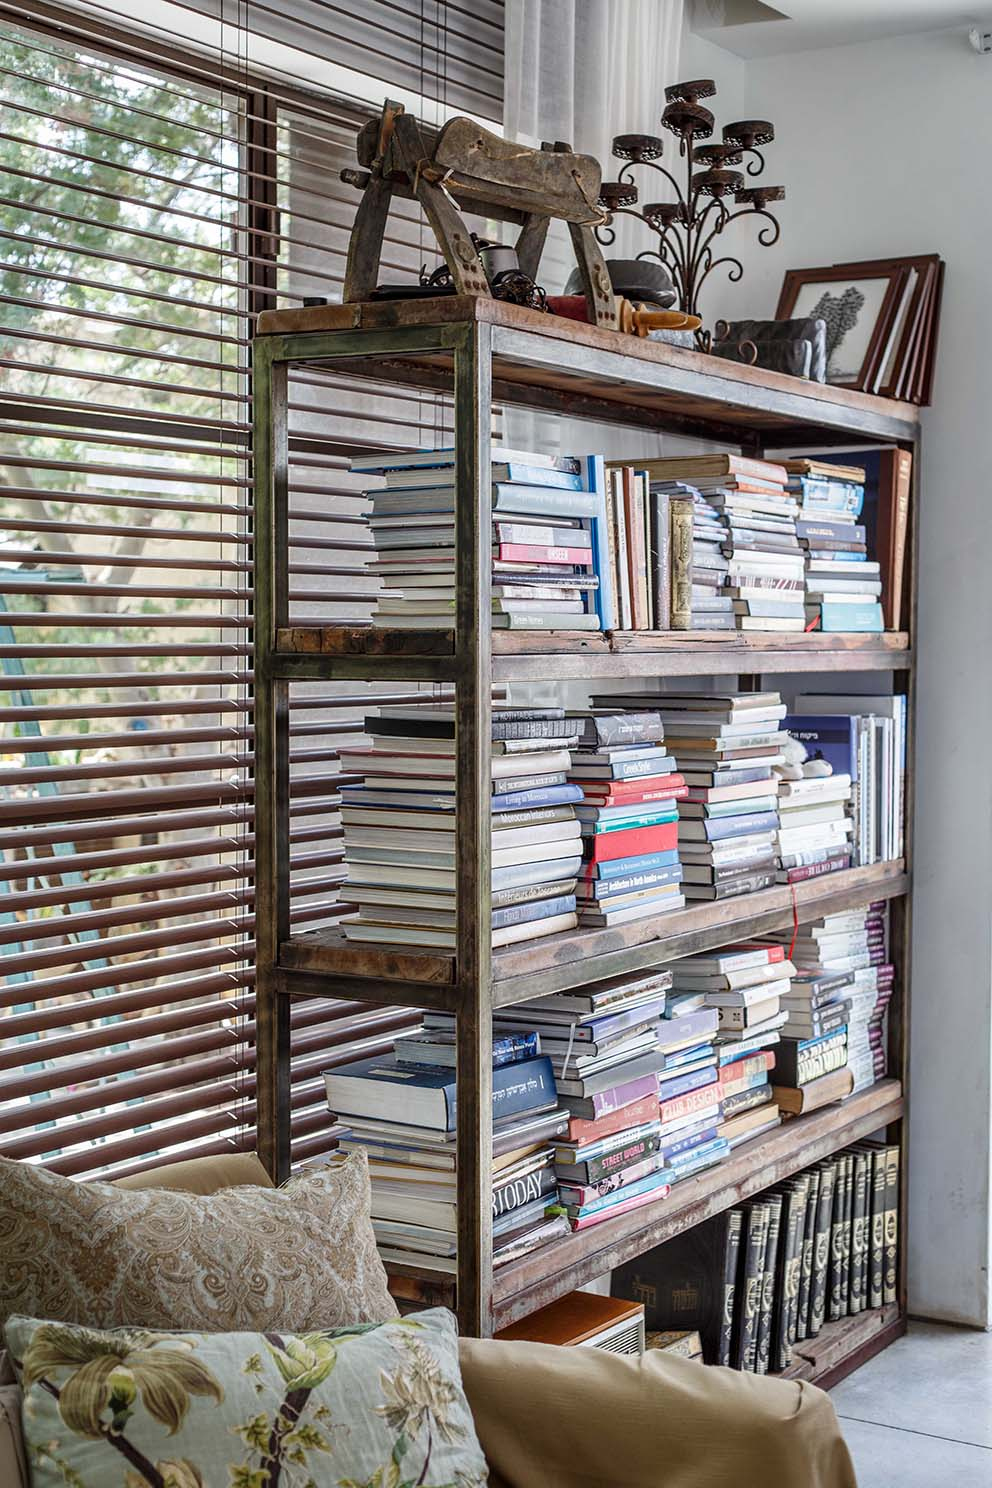 pnim magazine www.pnim.co.il